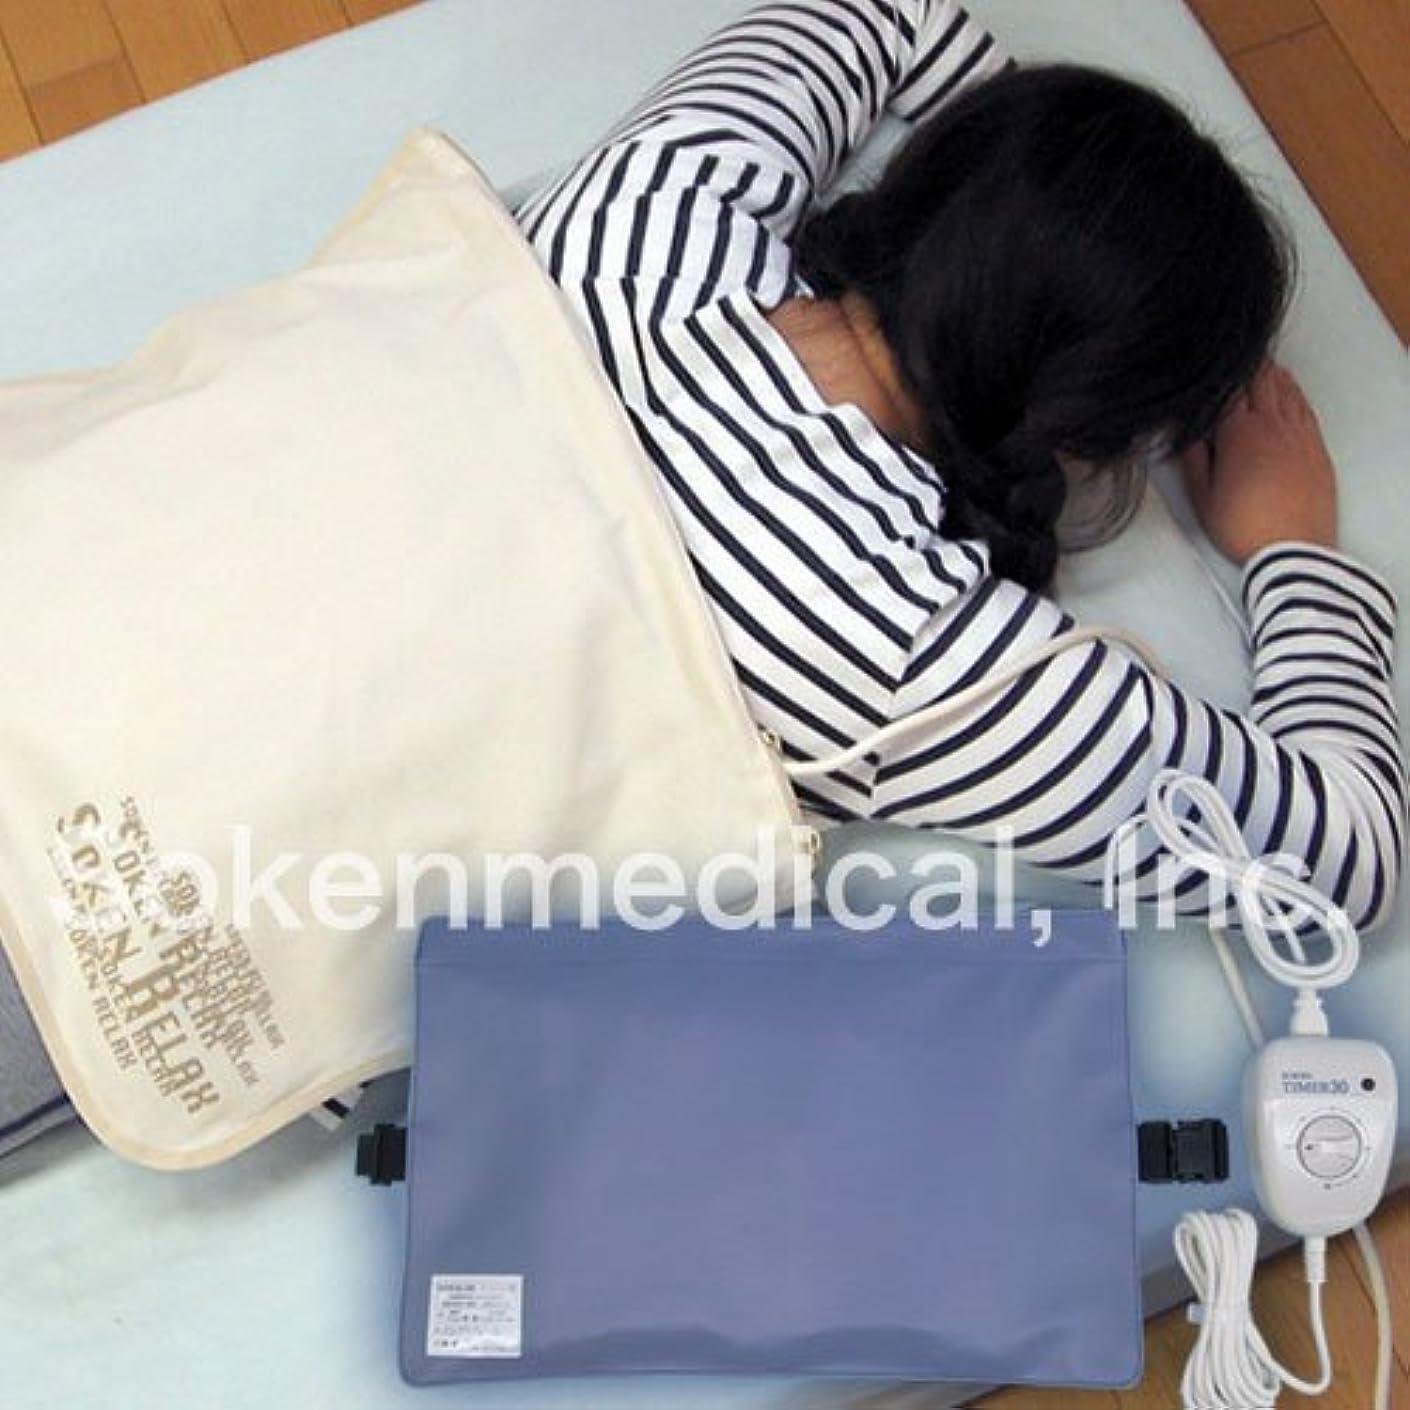 ラフ睡眠格差多様な電気磁気治療器「ソーケンリラックス」60Hz 血流を良くしてコリをほぐす効果抜群!